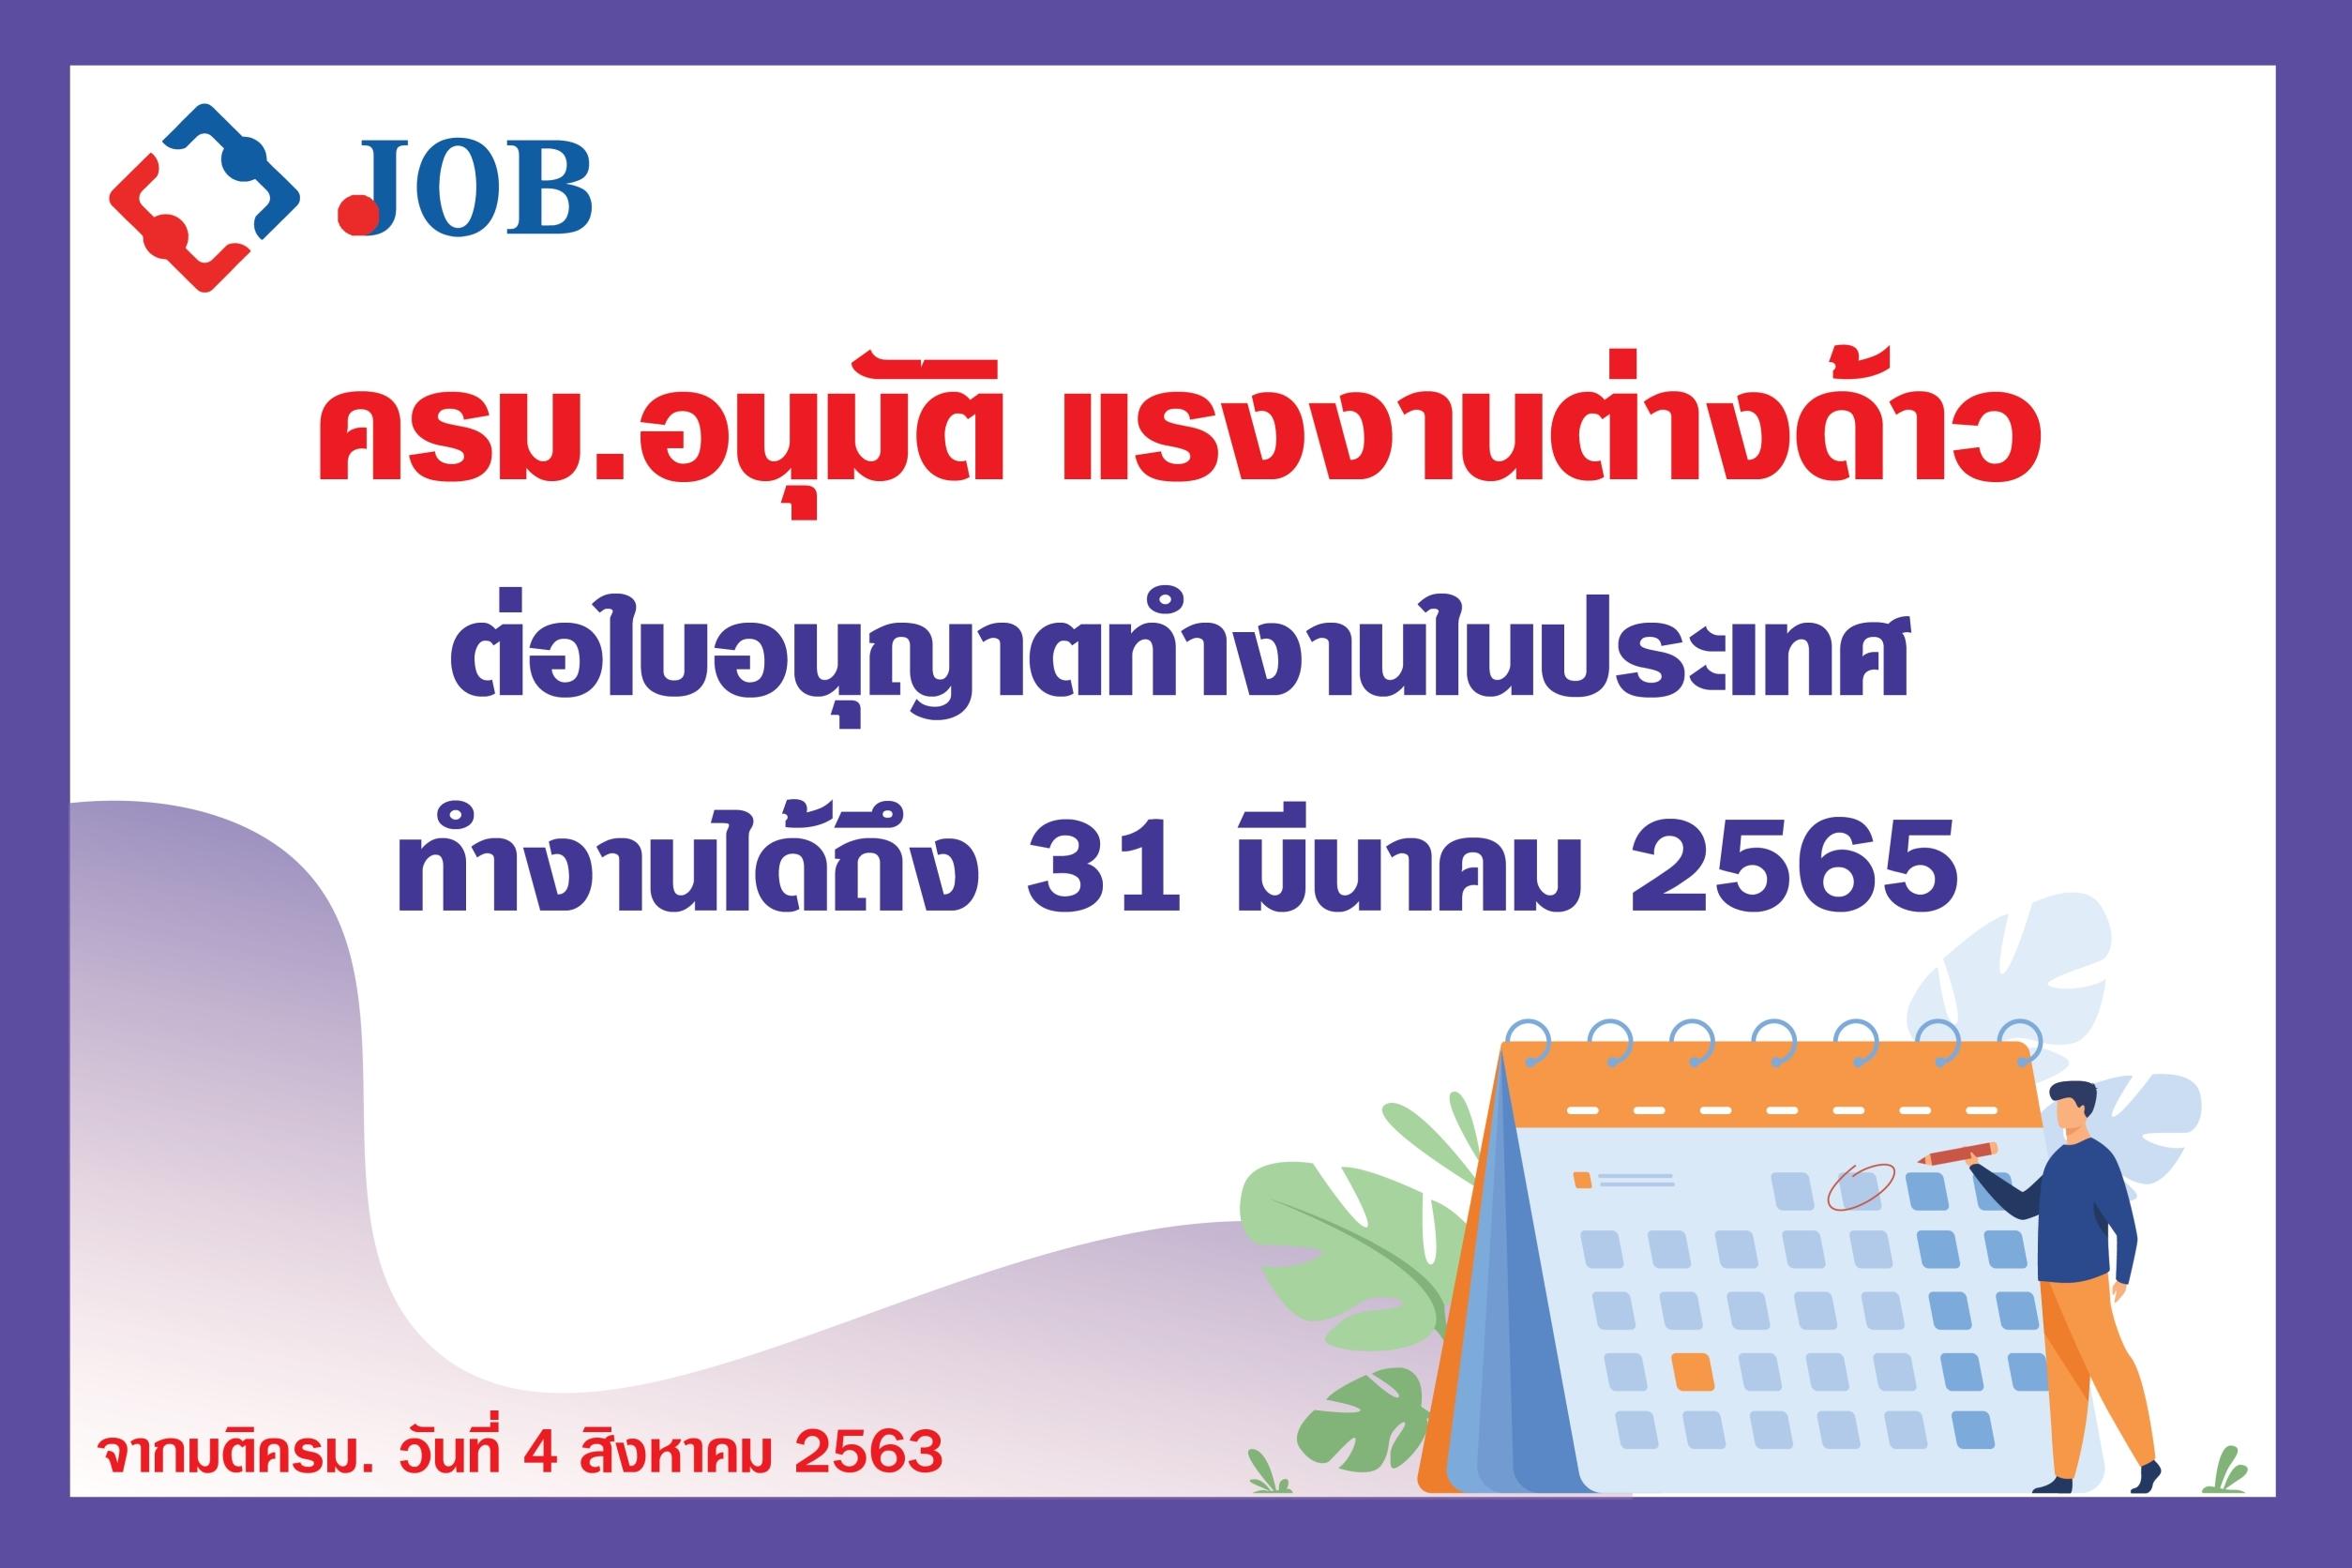 ครม.อนุมัติ แรงงานต่างด้าวต่อใบอนุญาตทำงานในประเทศ ทำงานได้ถึง 31 มีนาคม 2565 จากมติครม. วันที่ 4 สิงหาคม 2563